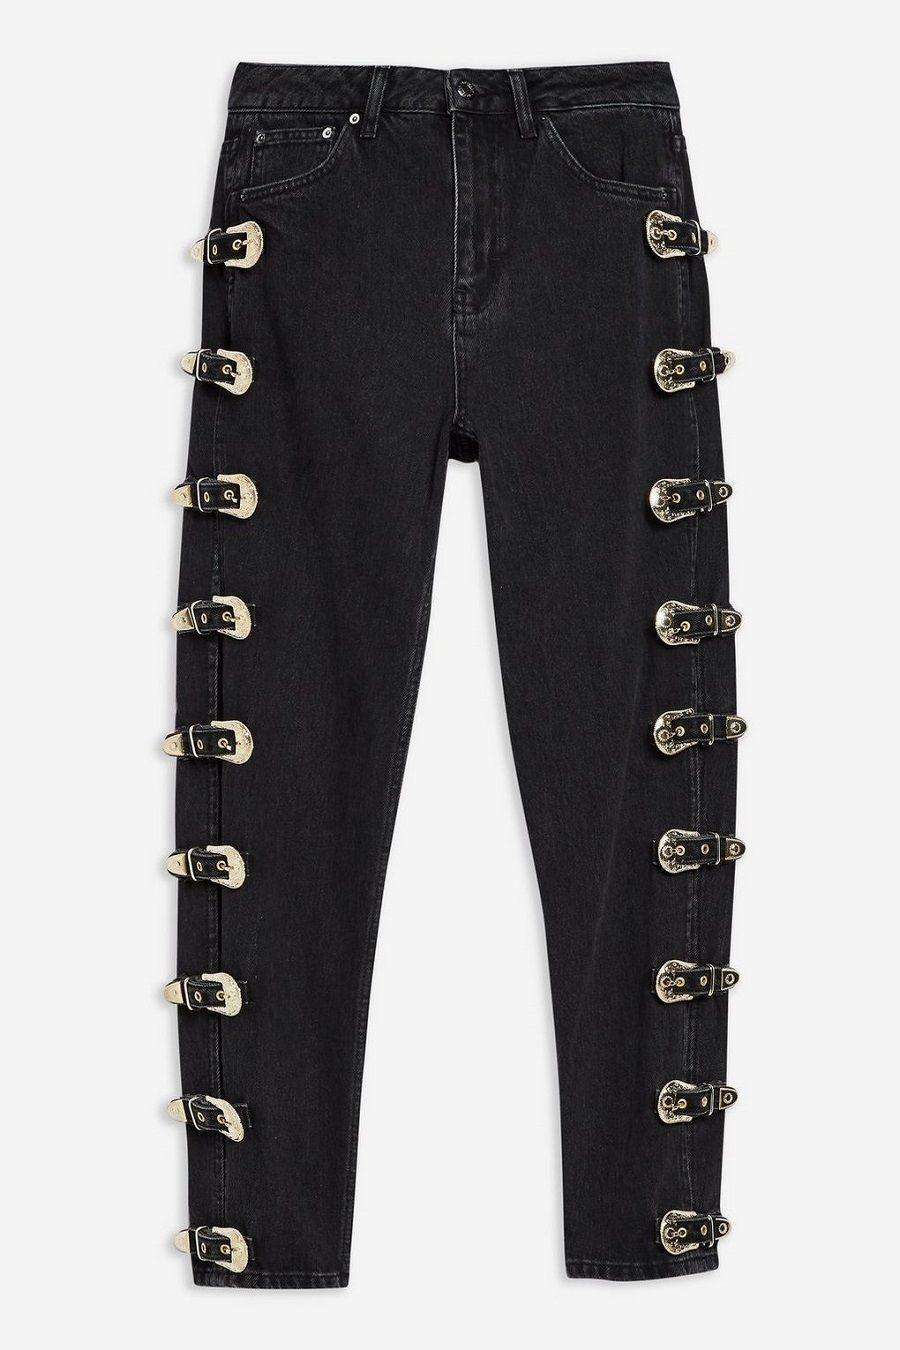 7 Celana Jeans Playful yang Buat Gayamu Jadi Pusat Perhatian